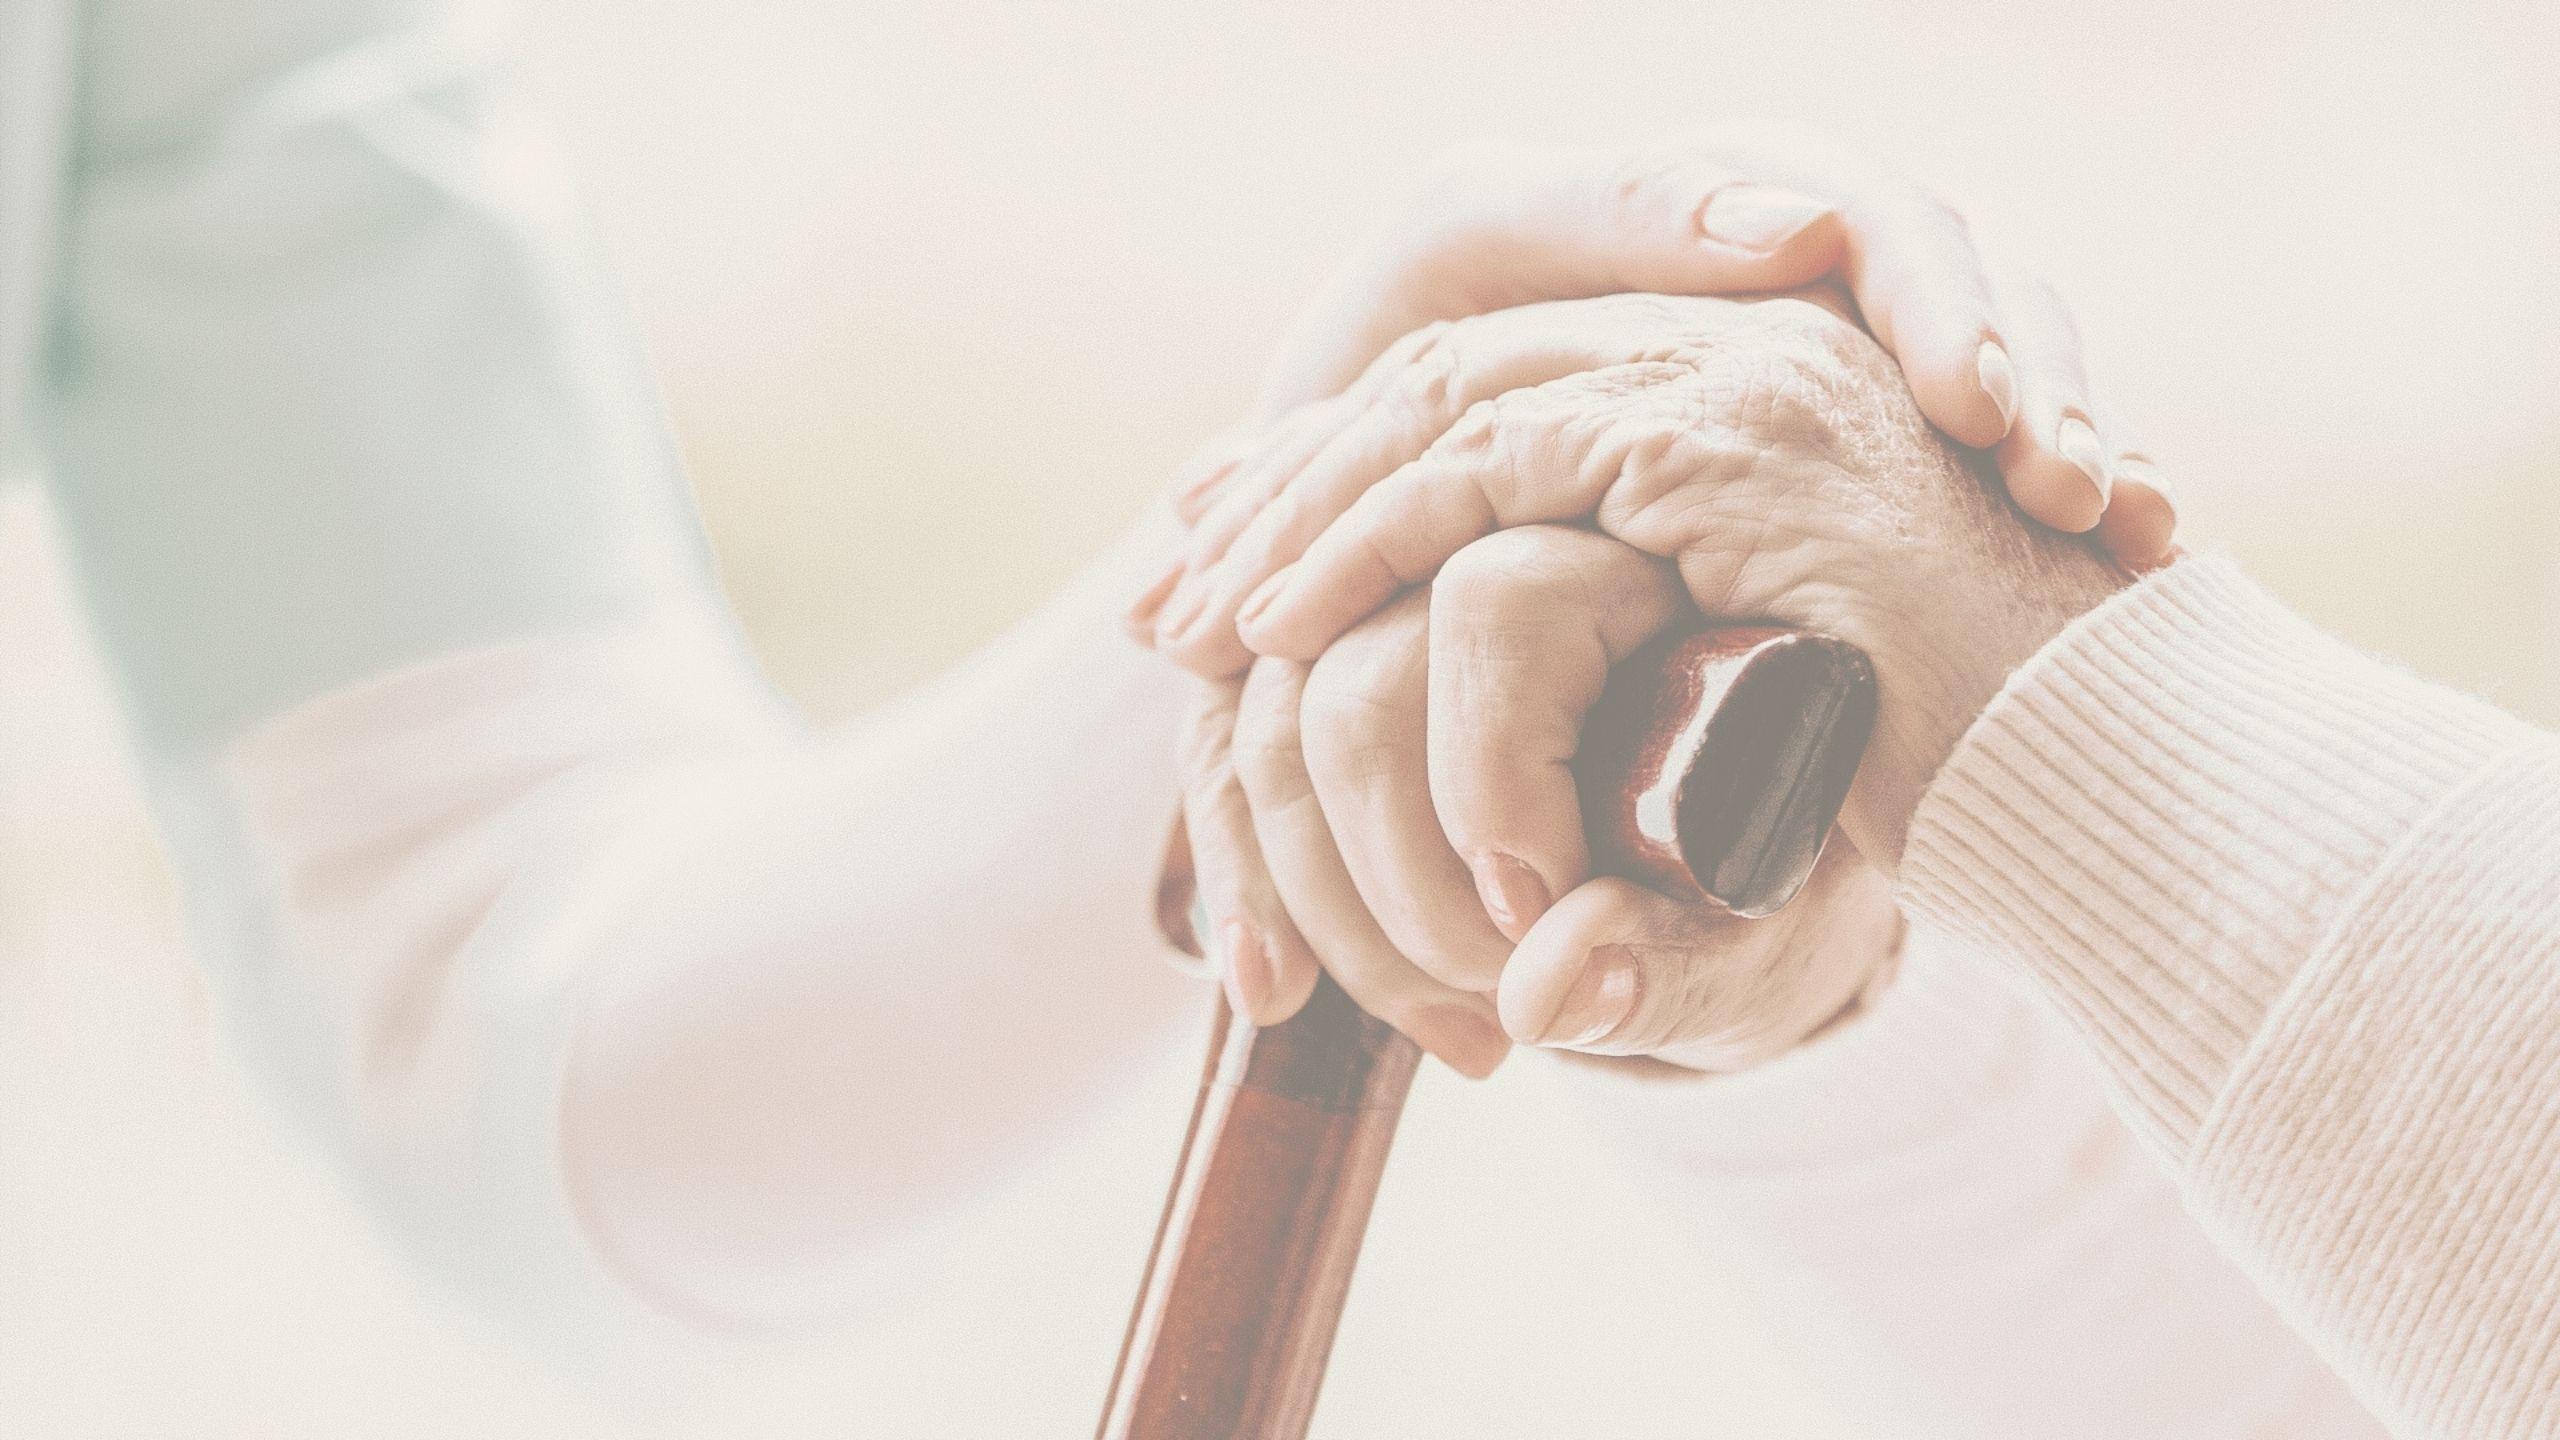 Ullo, la relation thérapeutique augmentée